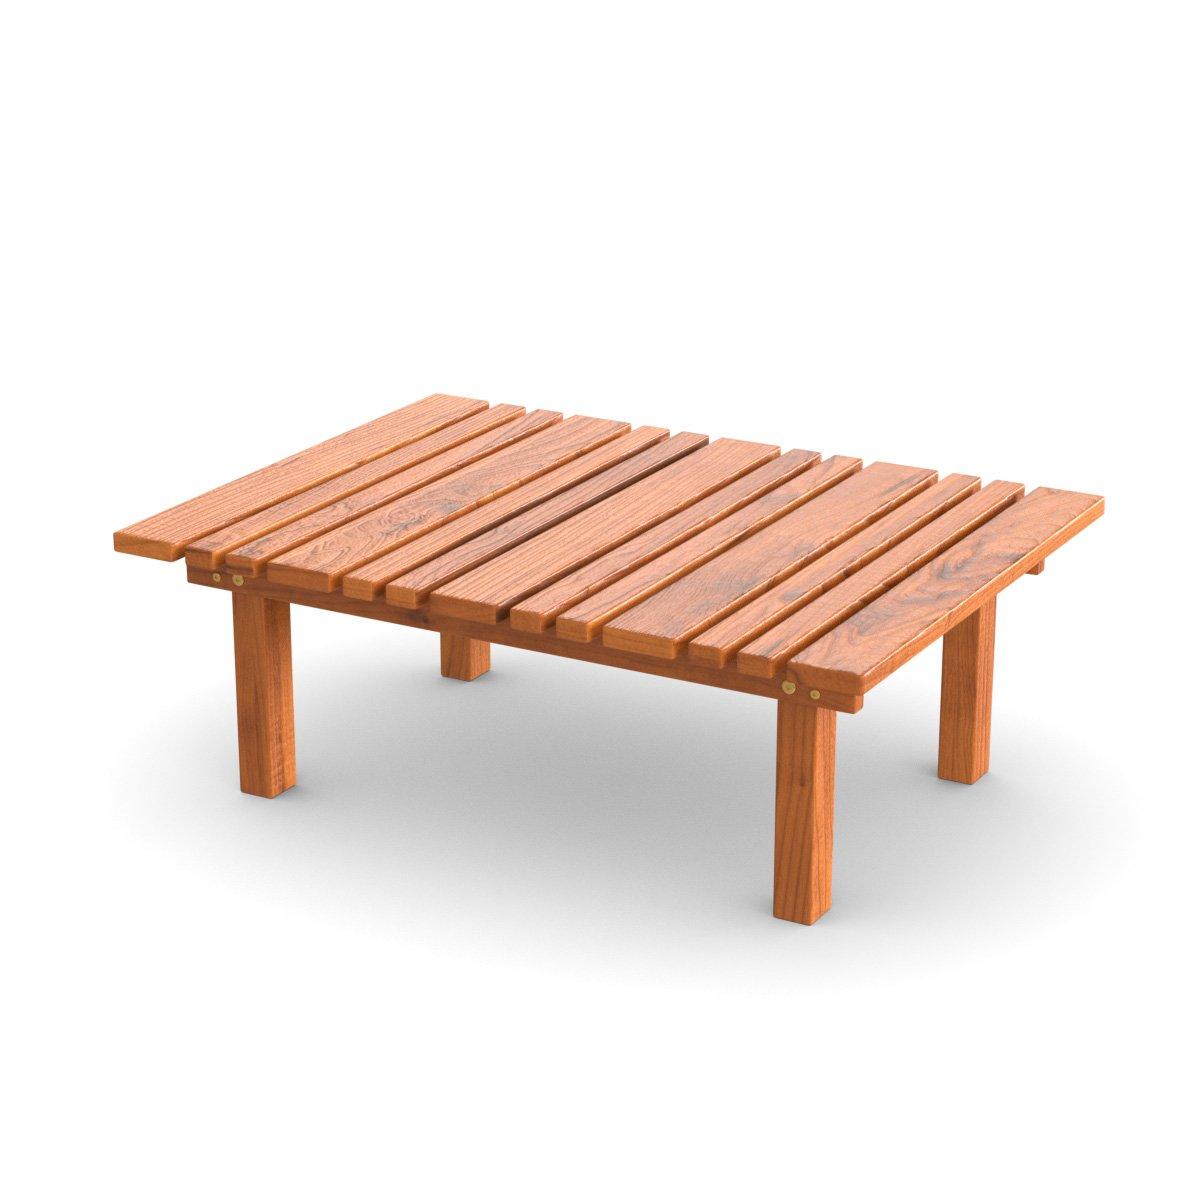 Ampel 24, Tavolino Pieghevole da Giardino, Balcone e terrazza | Tavolino d'appoggio Piccolo 50 x 50 cm | Tavolino da Giardino in larice Siberiano | Resistente